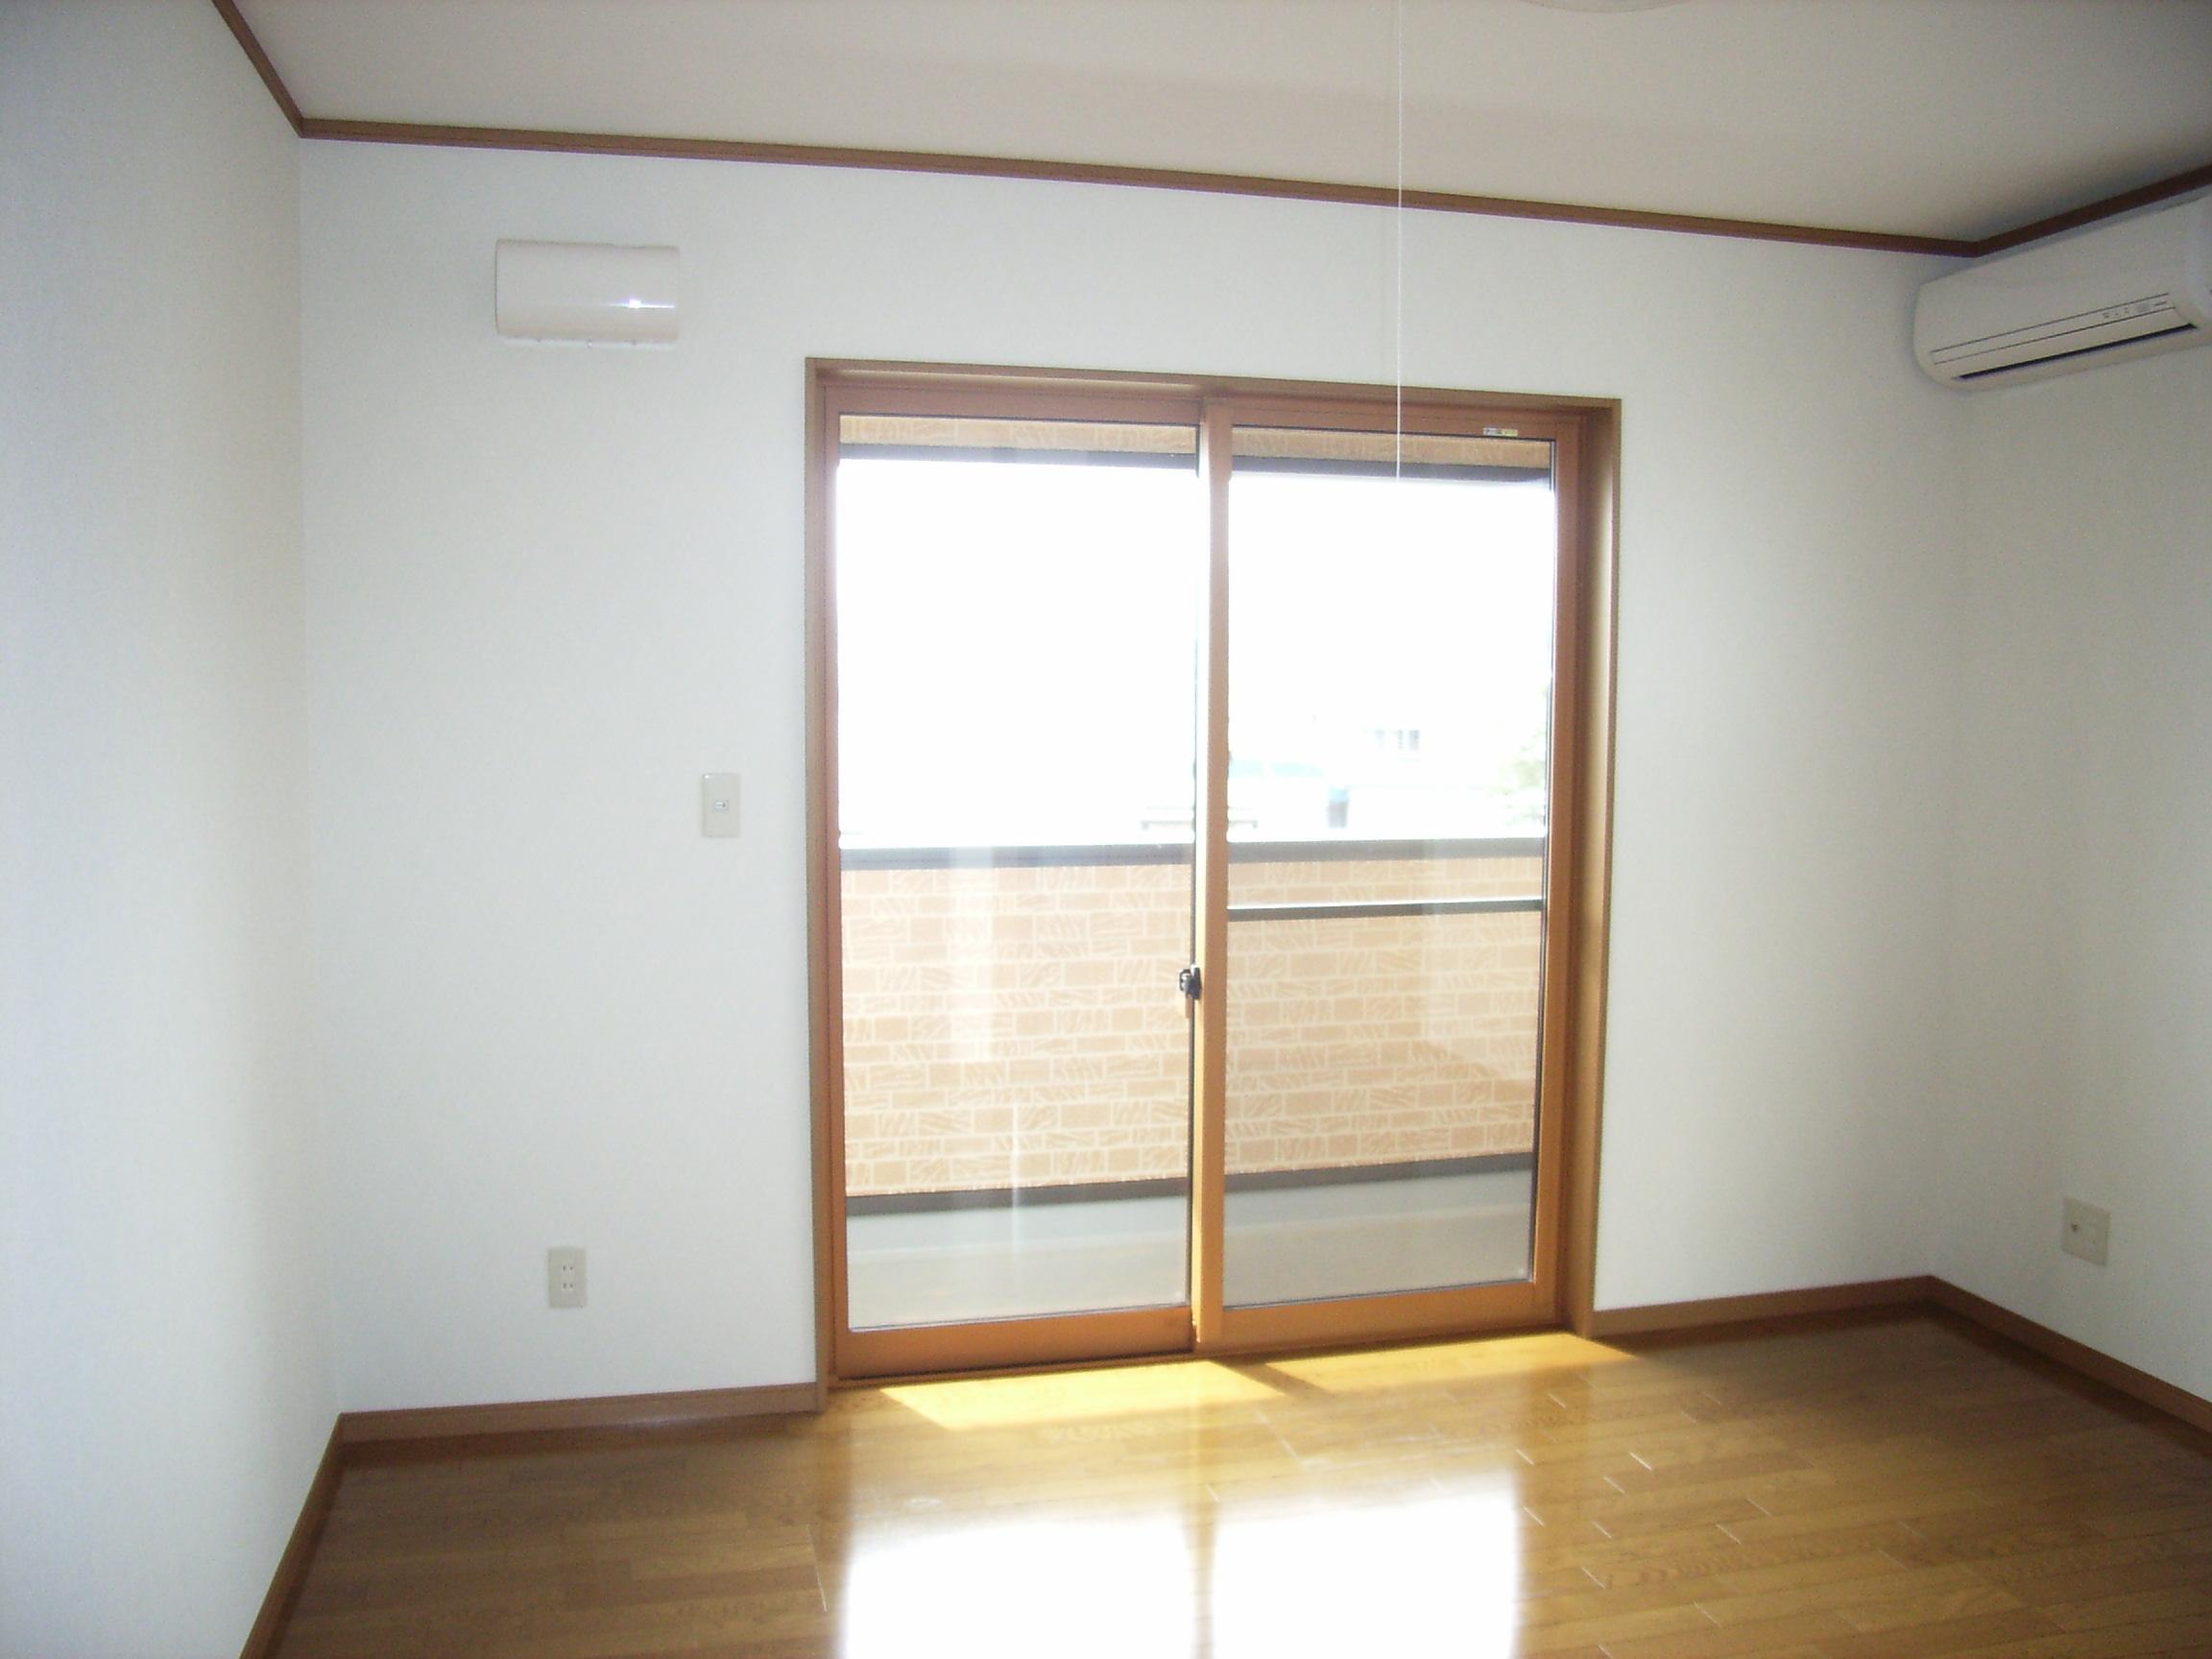 http://www.nagumo-juken.jp/images/s-house7.jpg